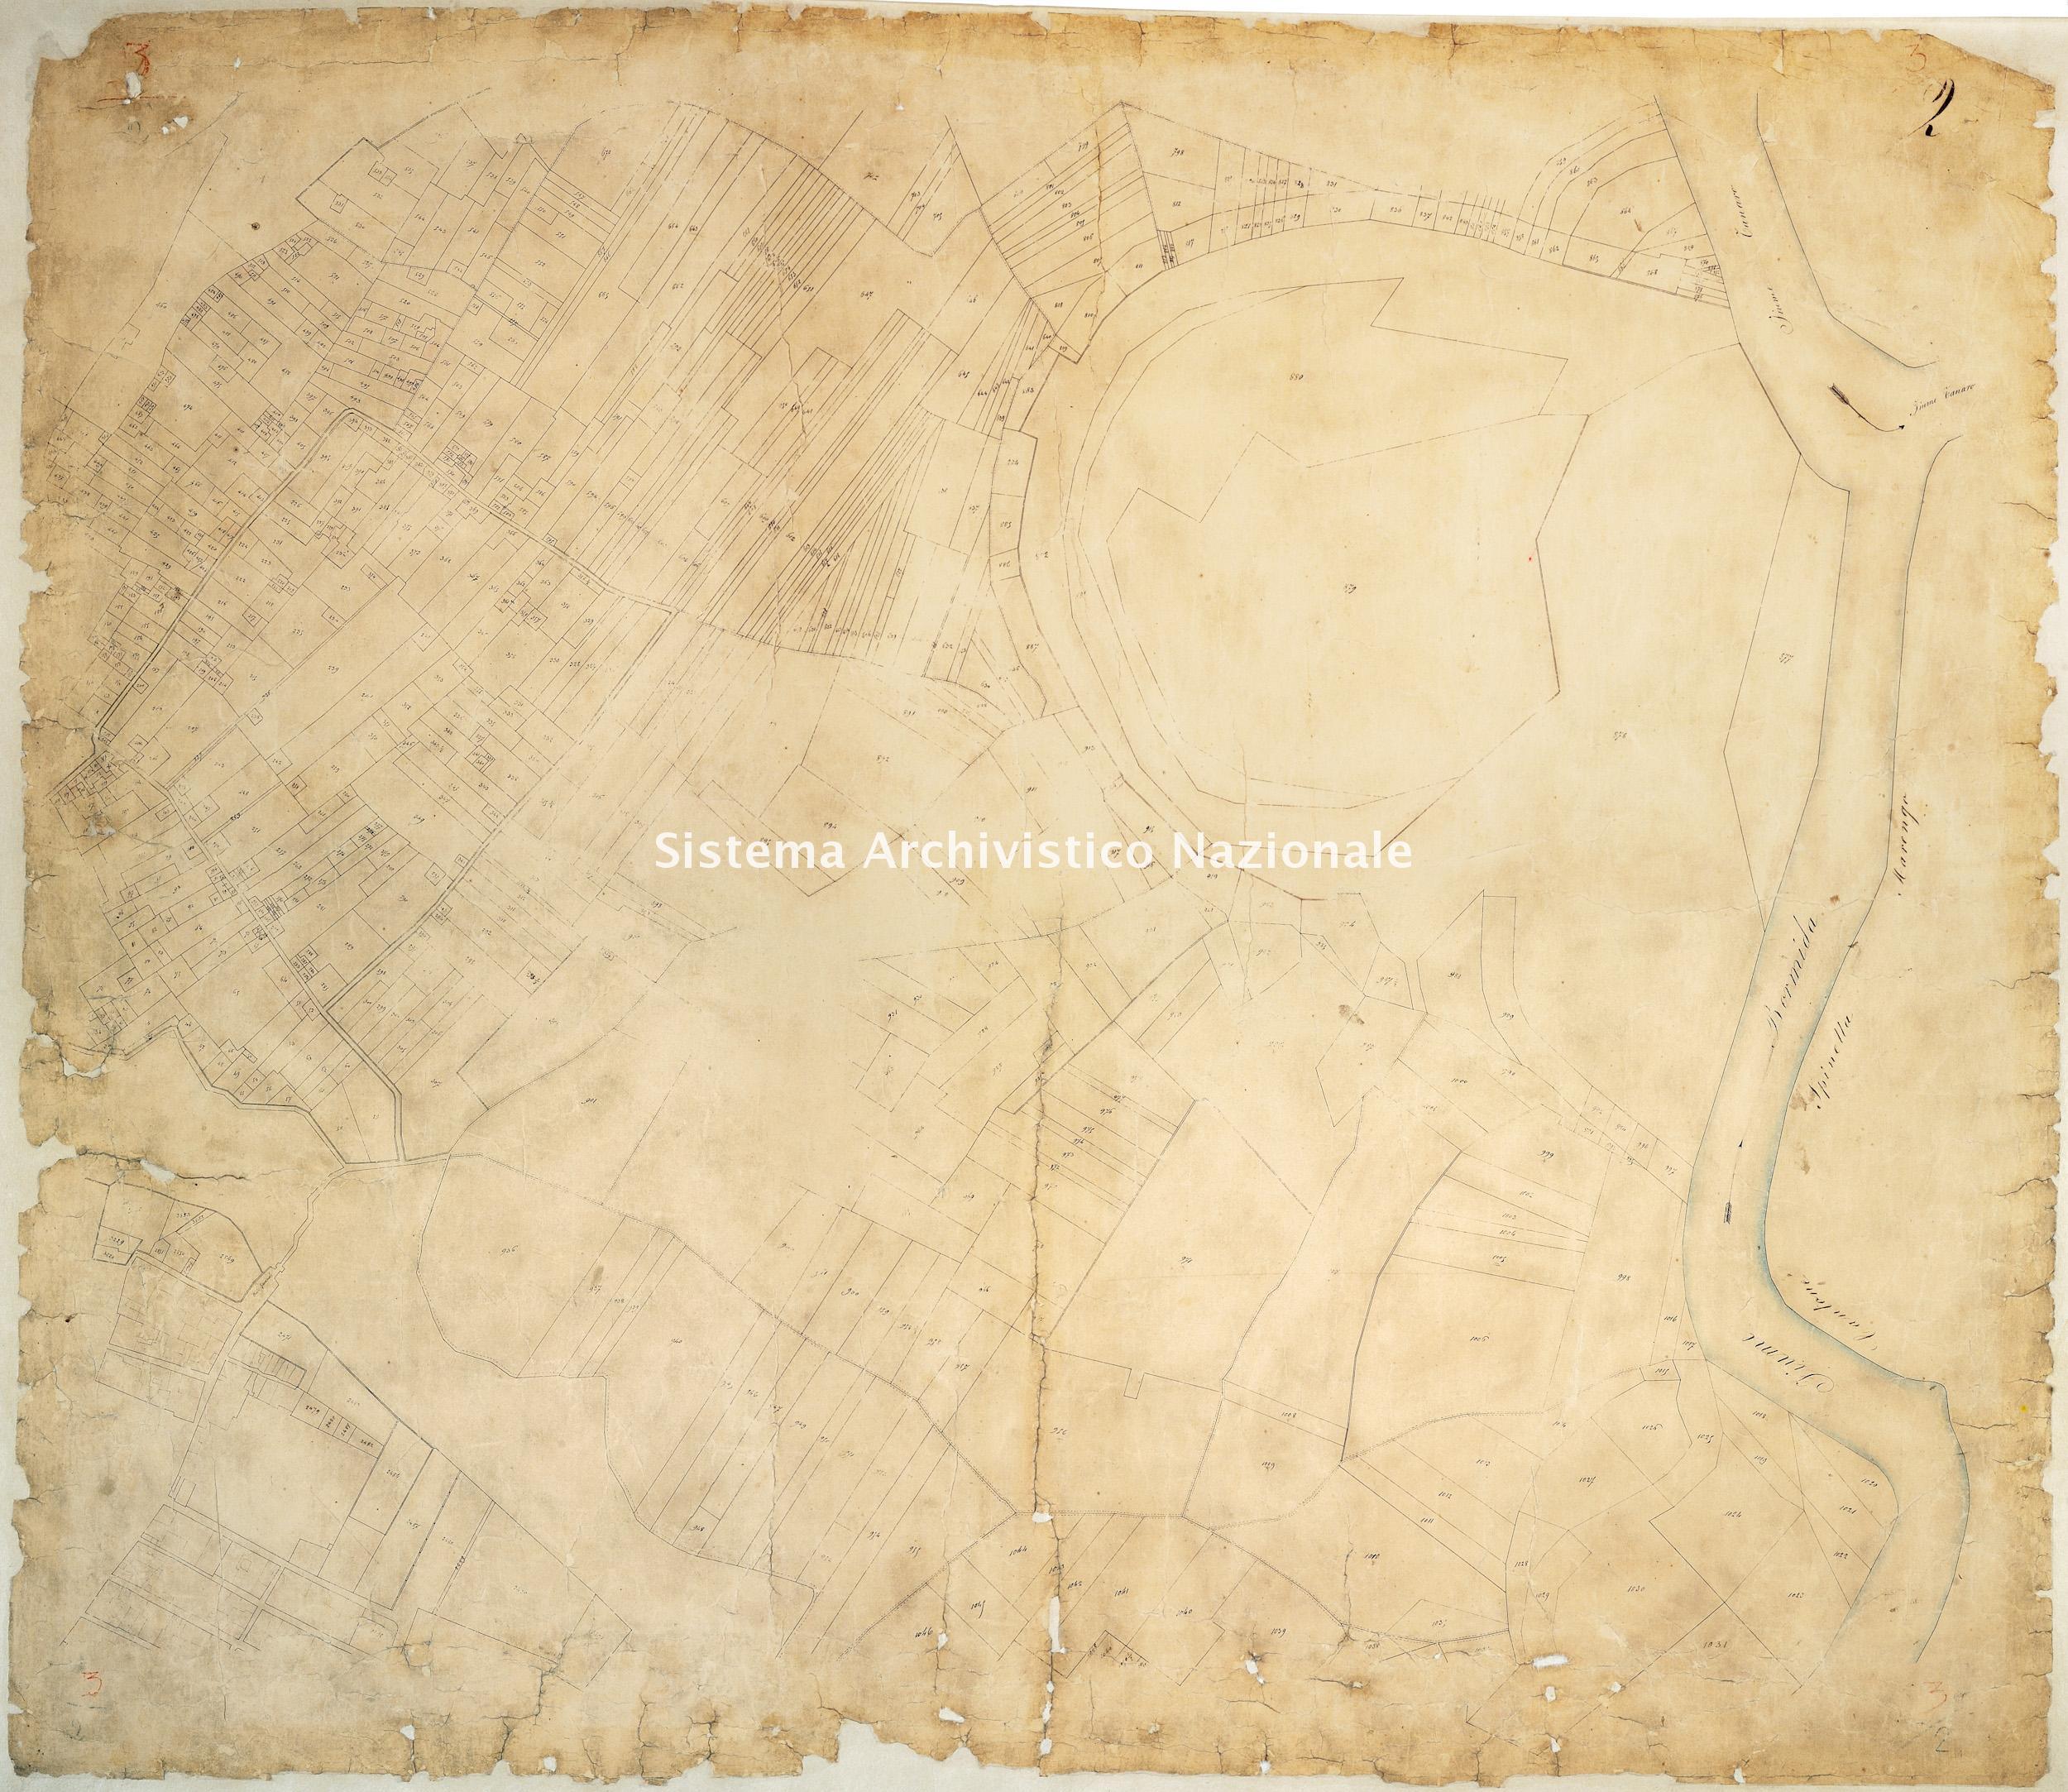 Archivio di Stato di Alessandria, Comune di Alessandria, Serie III, Catasto sabaudo, Mappe, Cantone Gamondio (con la città di Alessandria),